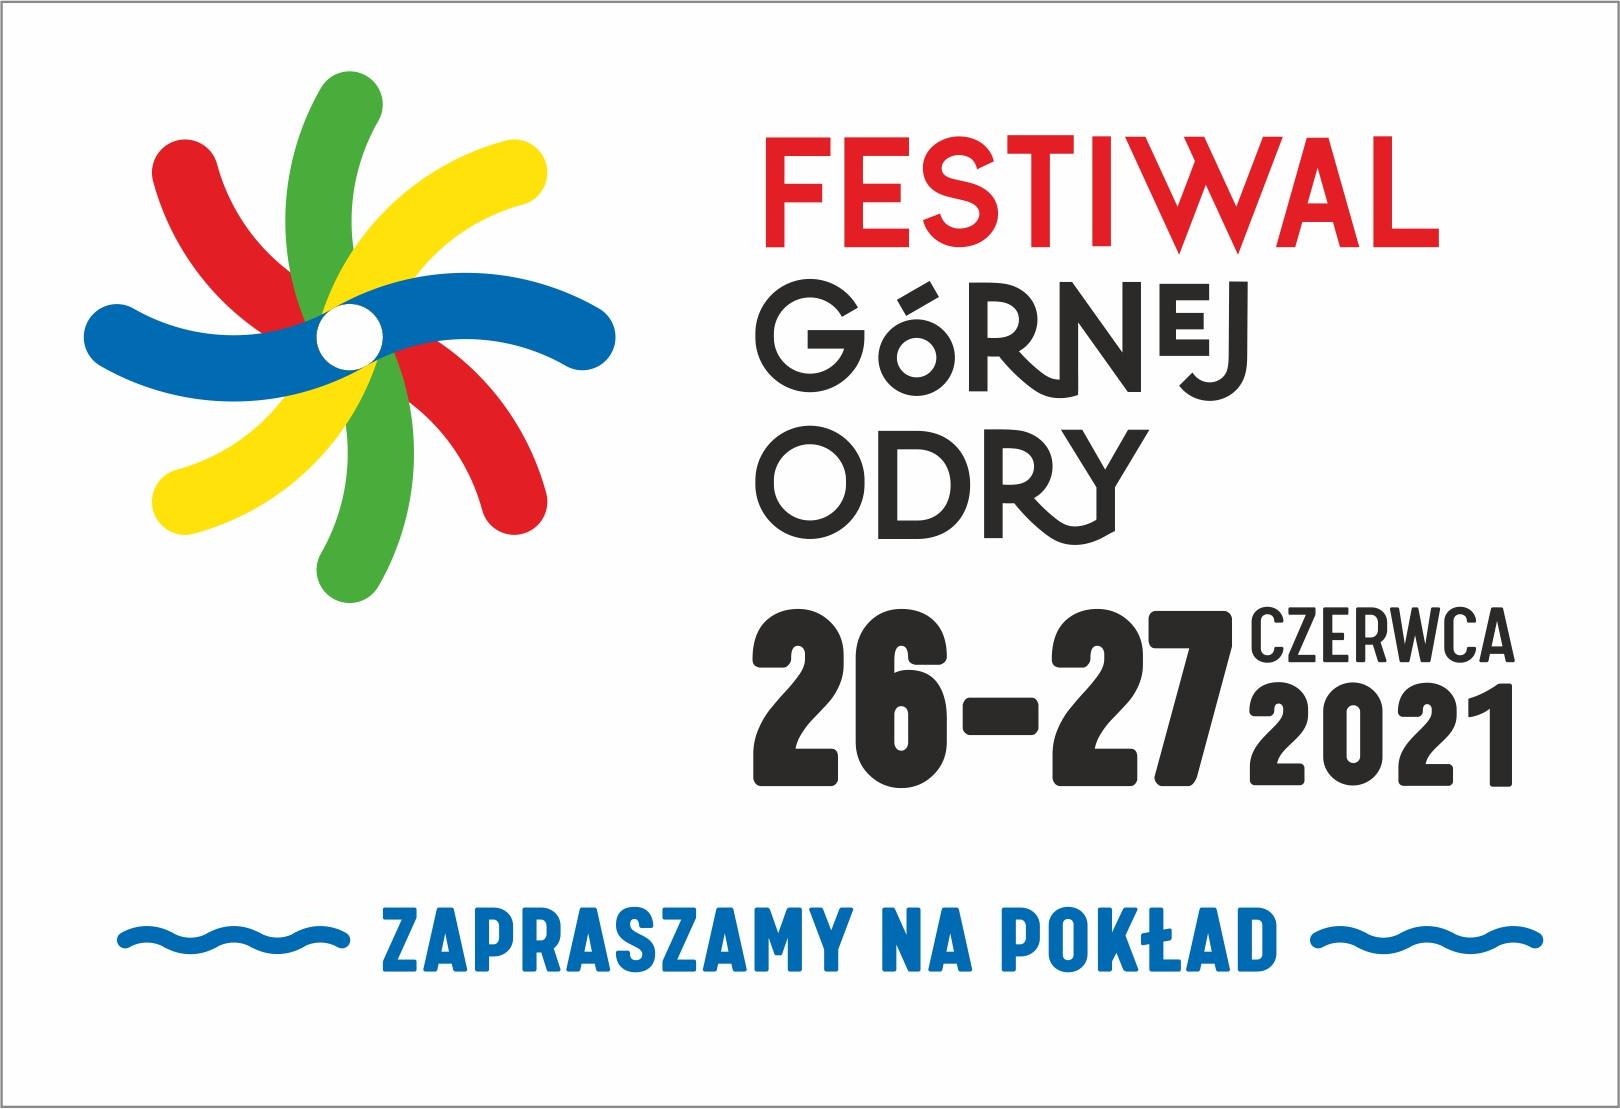 Festiwal Górnej Odry